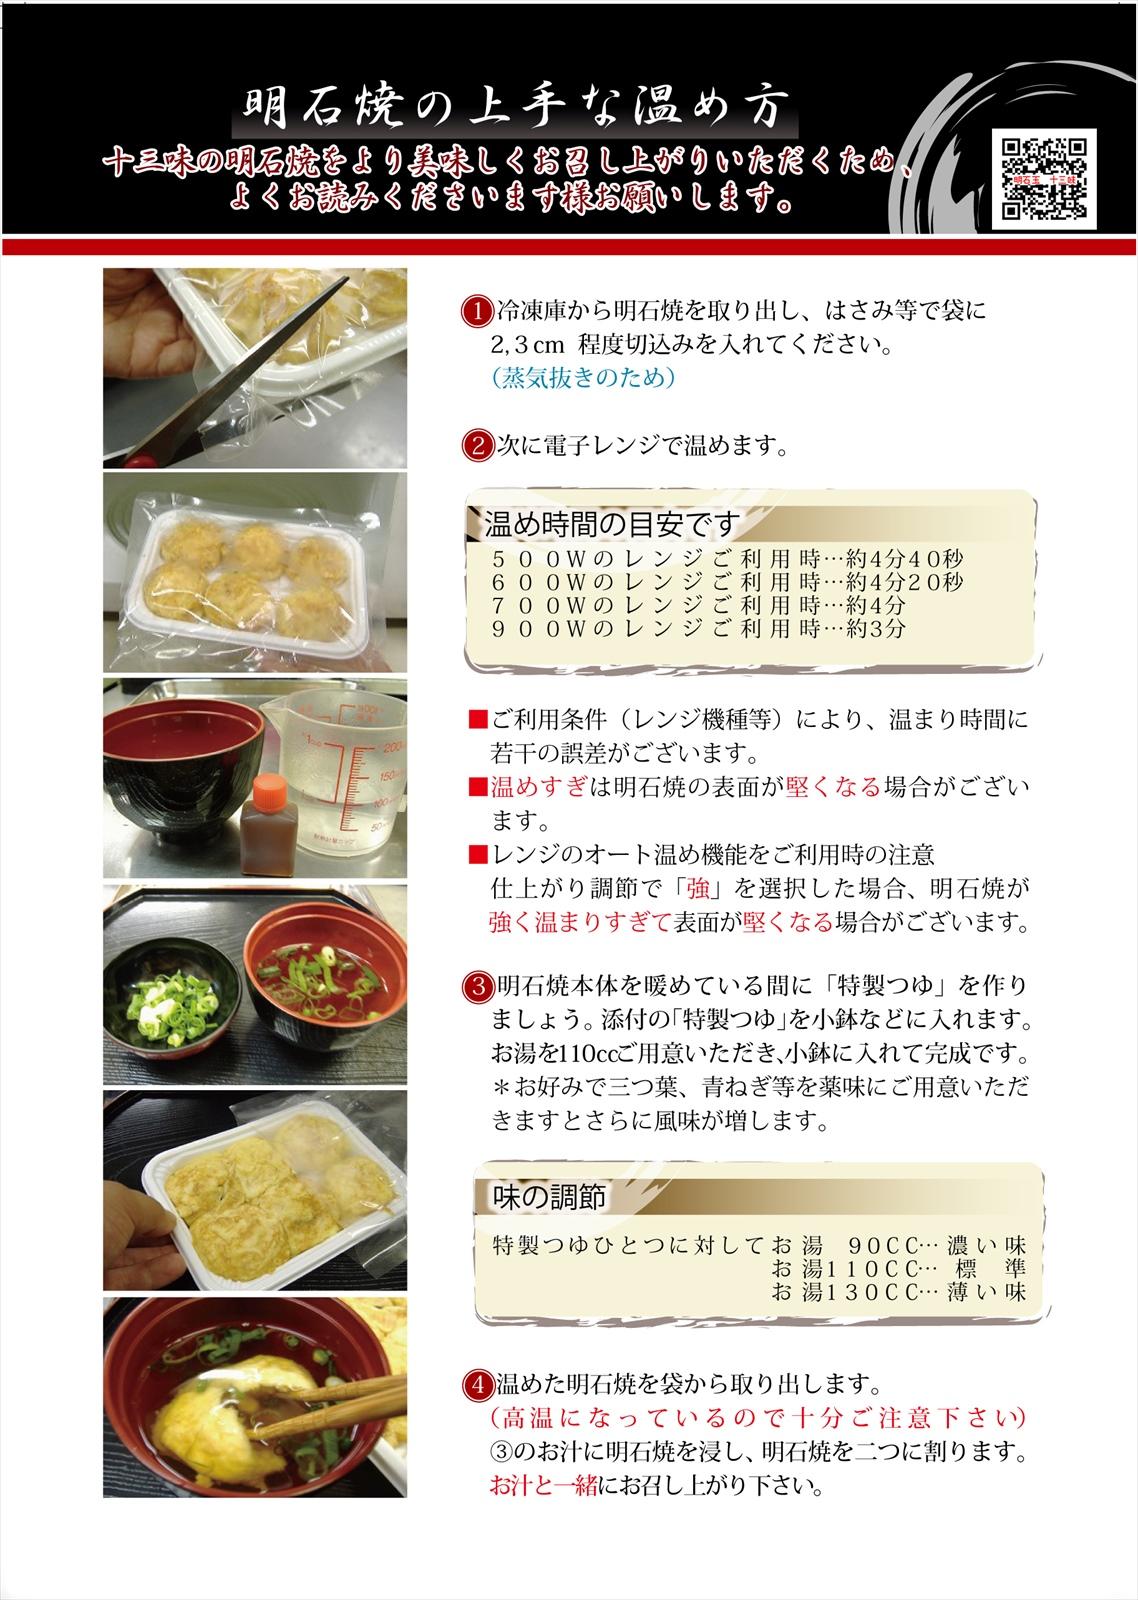 【送料無料】明石玉・たこ焼10種類入ったフルセット